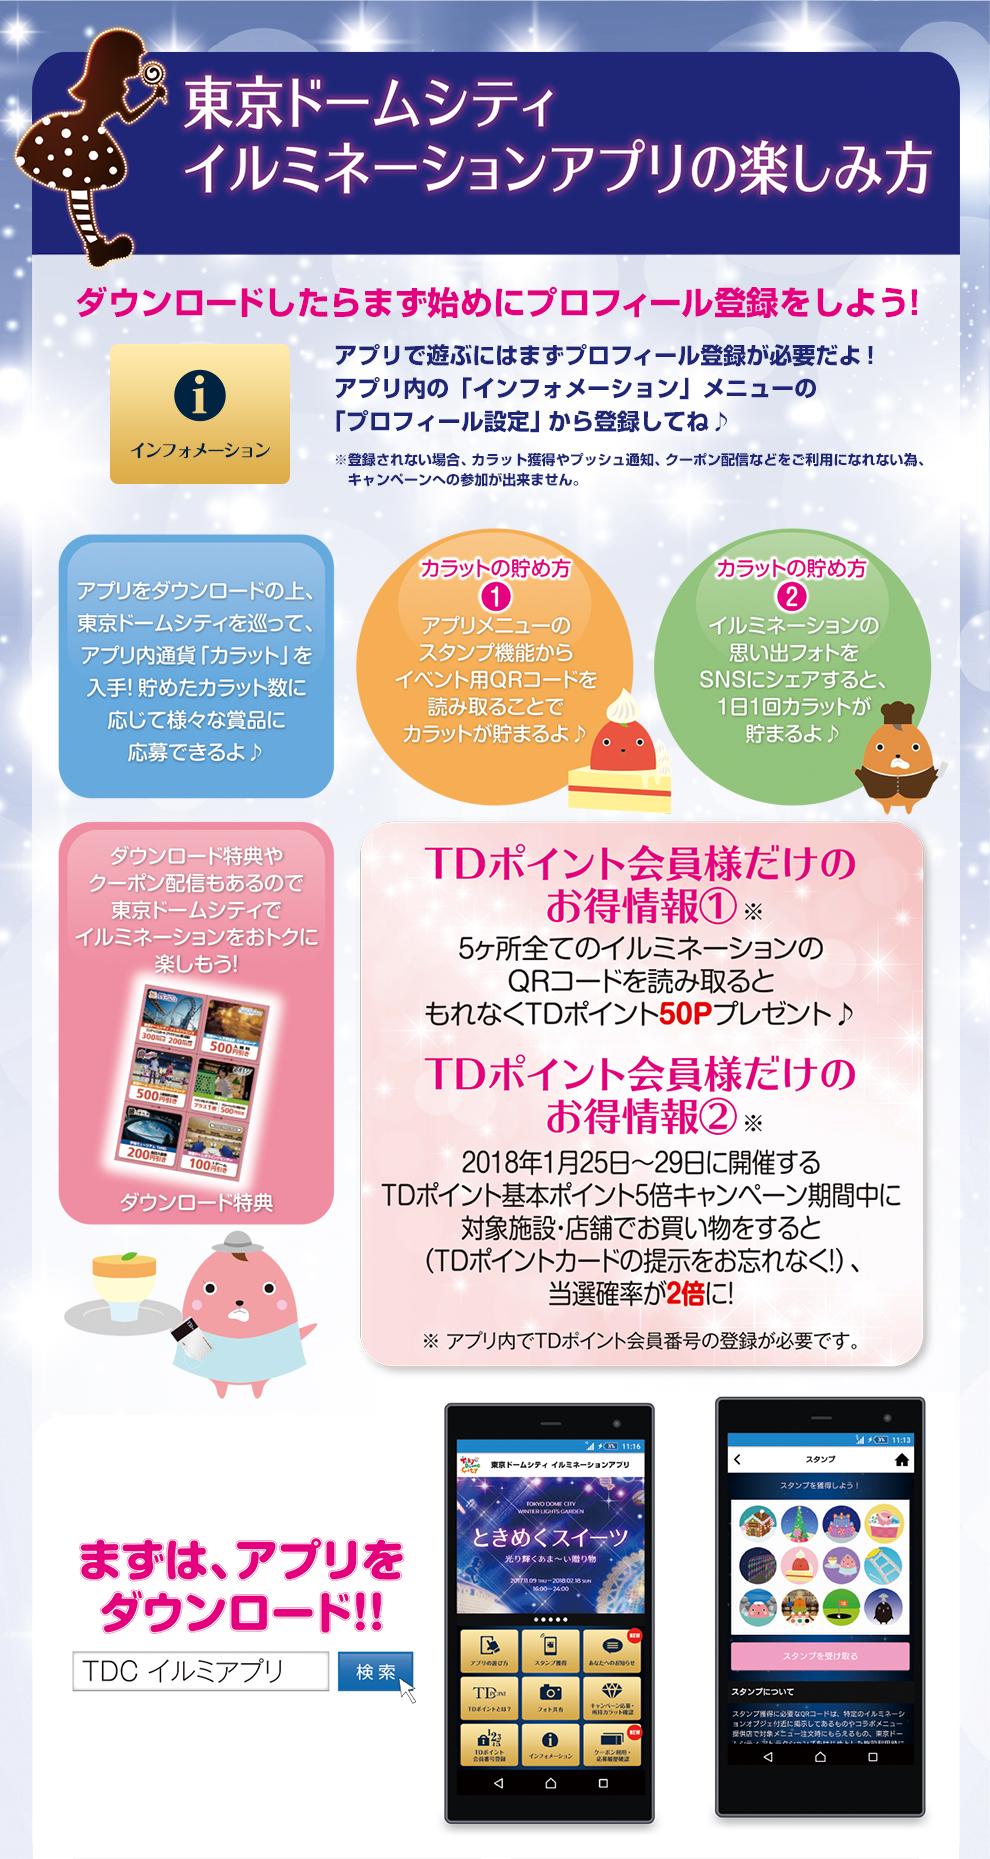 東京ドームシティ イルミネーションアプリの楽しみ方